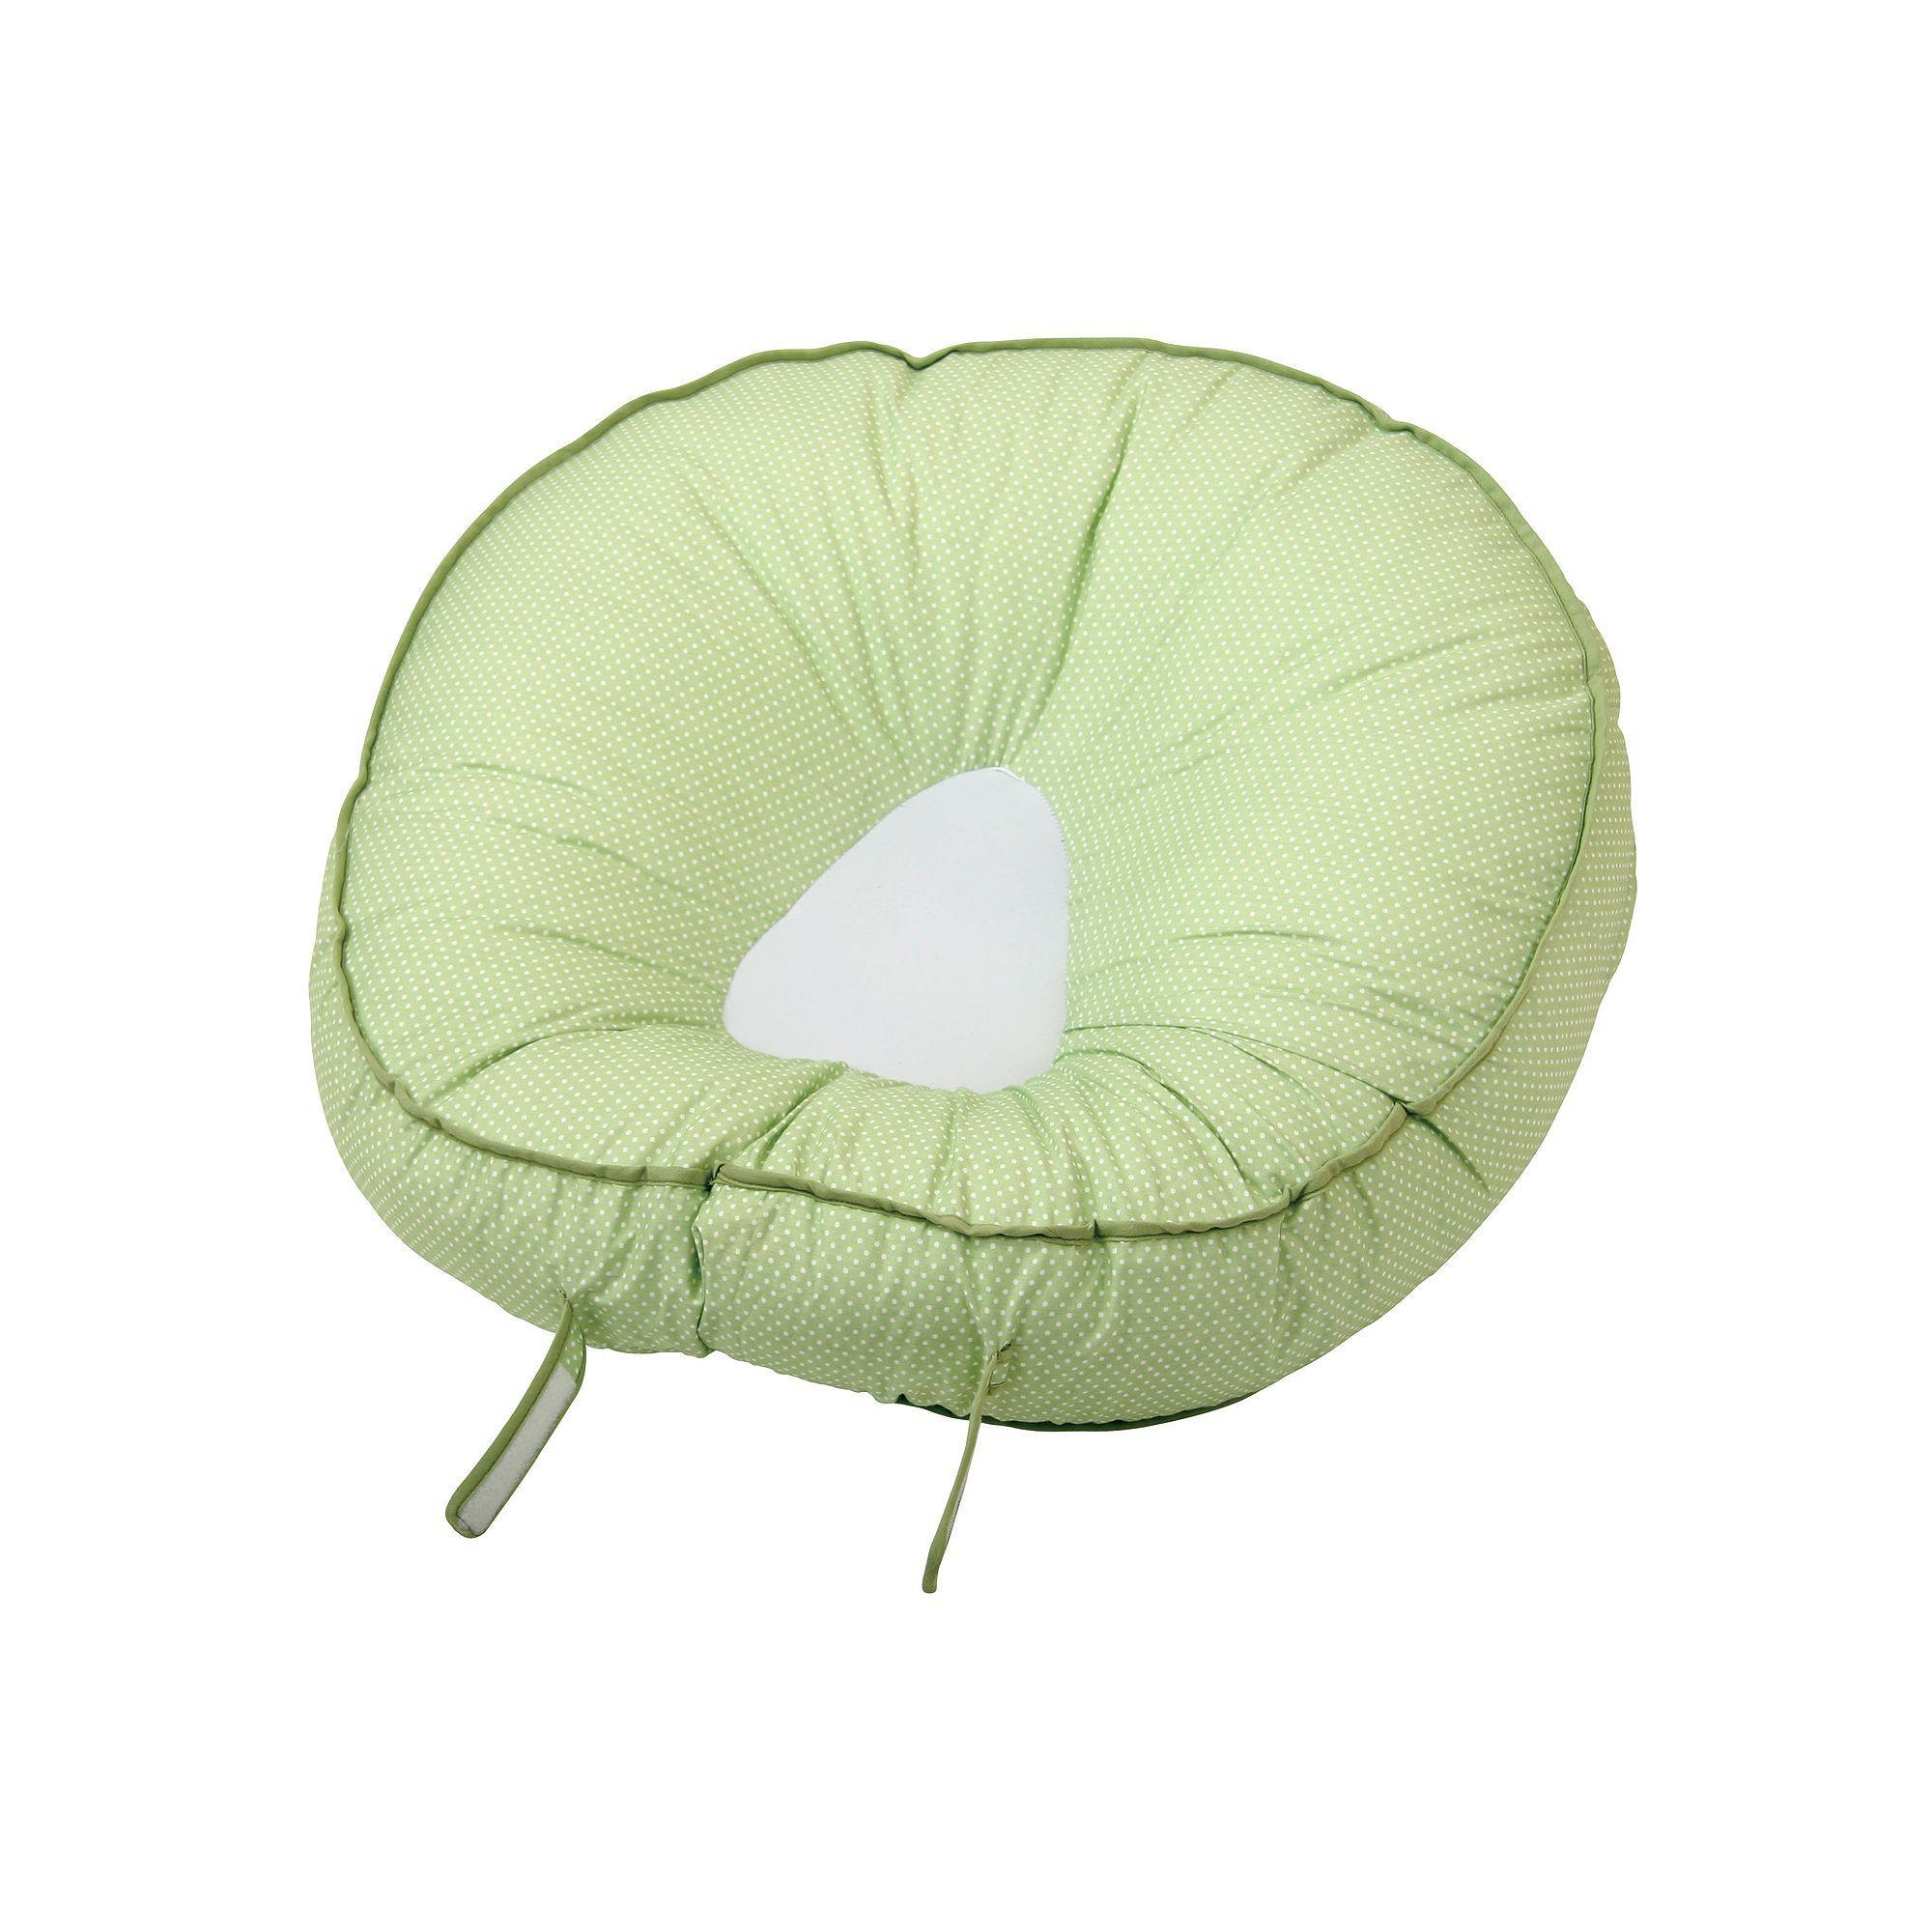 Original Nursing Pillow in Sage